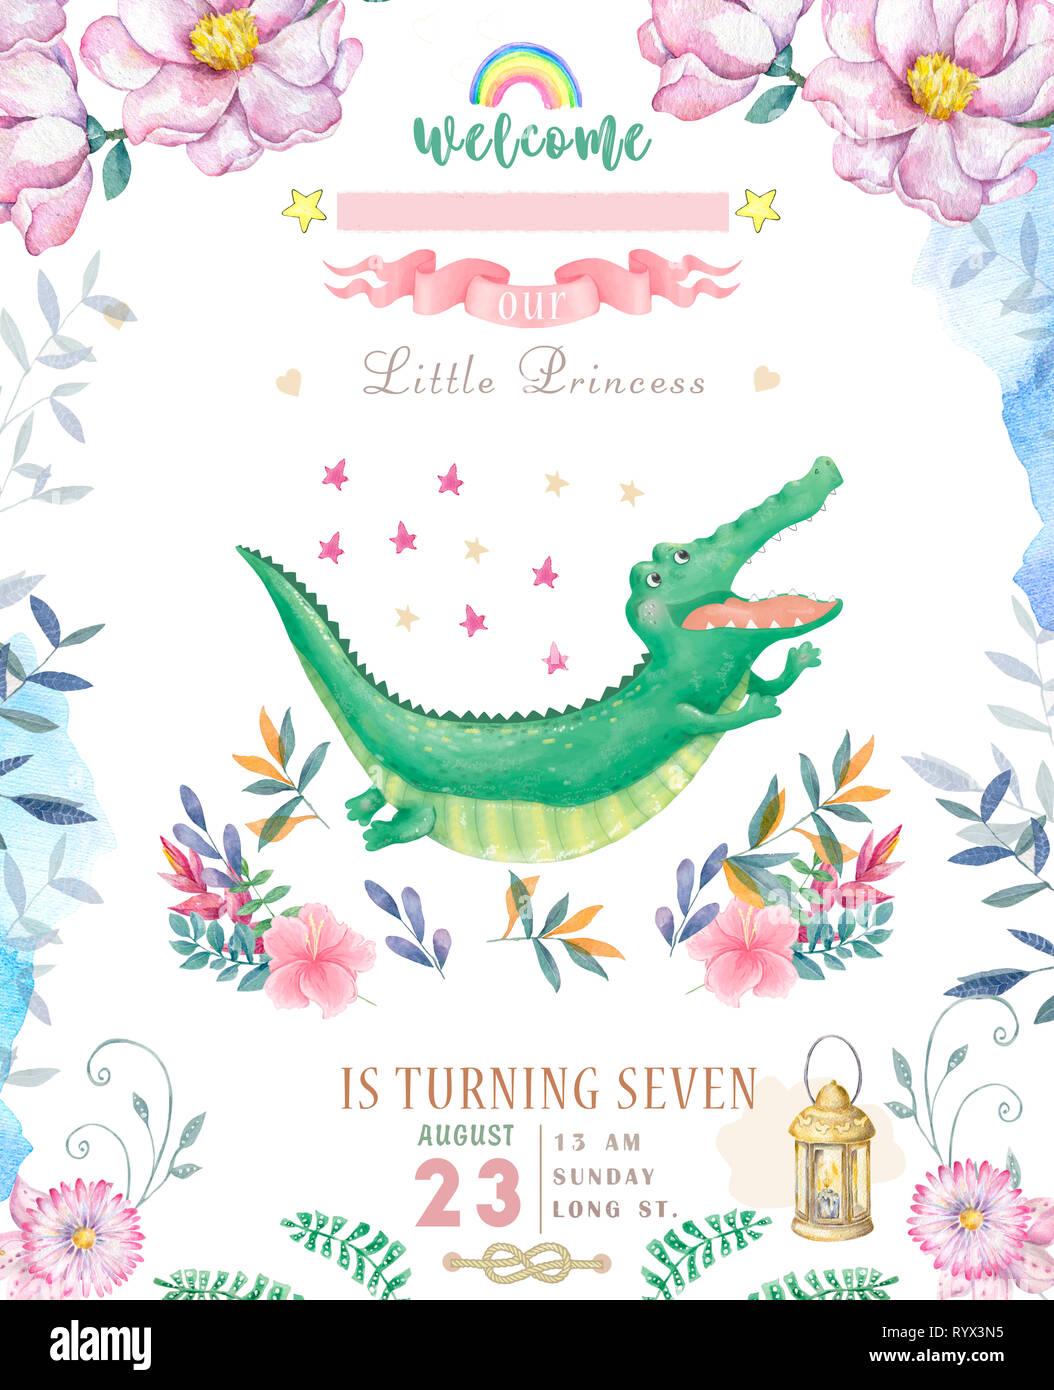 Joyeux Anniversaire Carte Avec Croc Mignon Dandy Aquarelle Animal